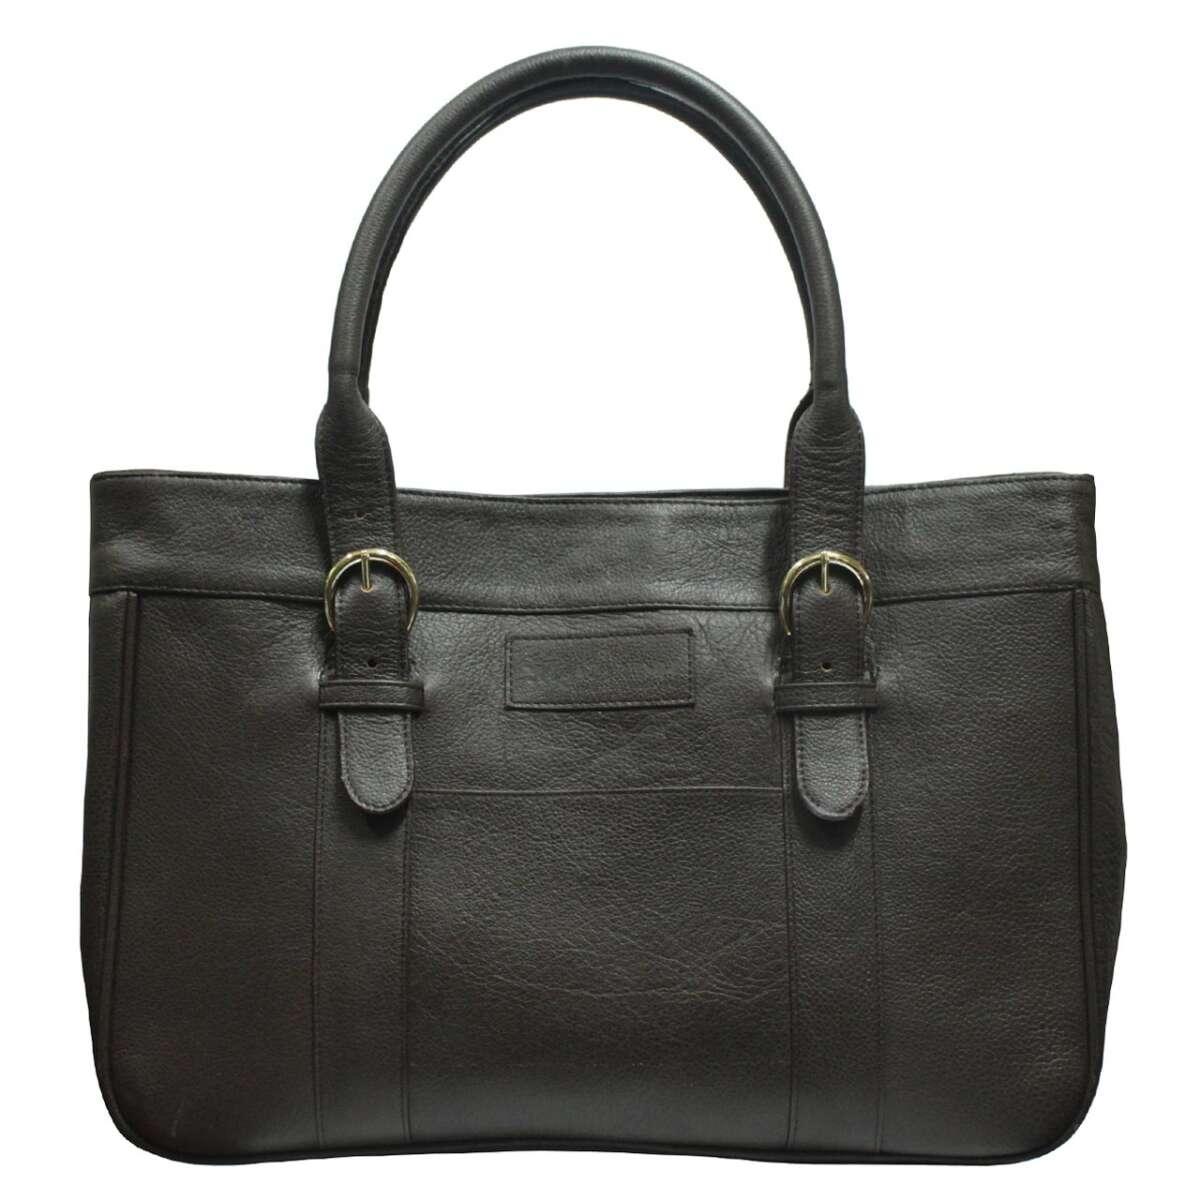 Túi xách nữ da bò B006a